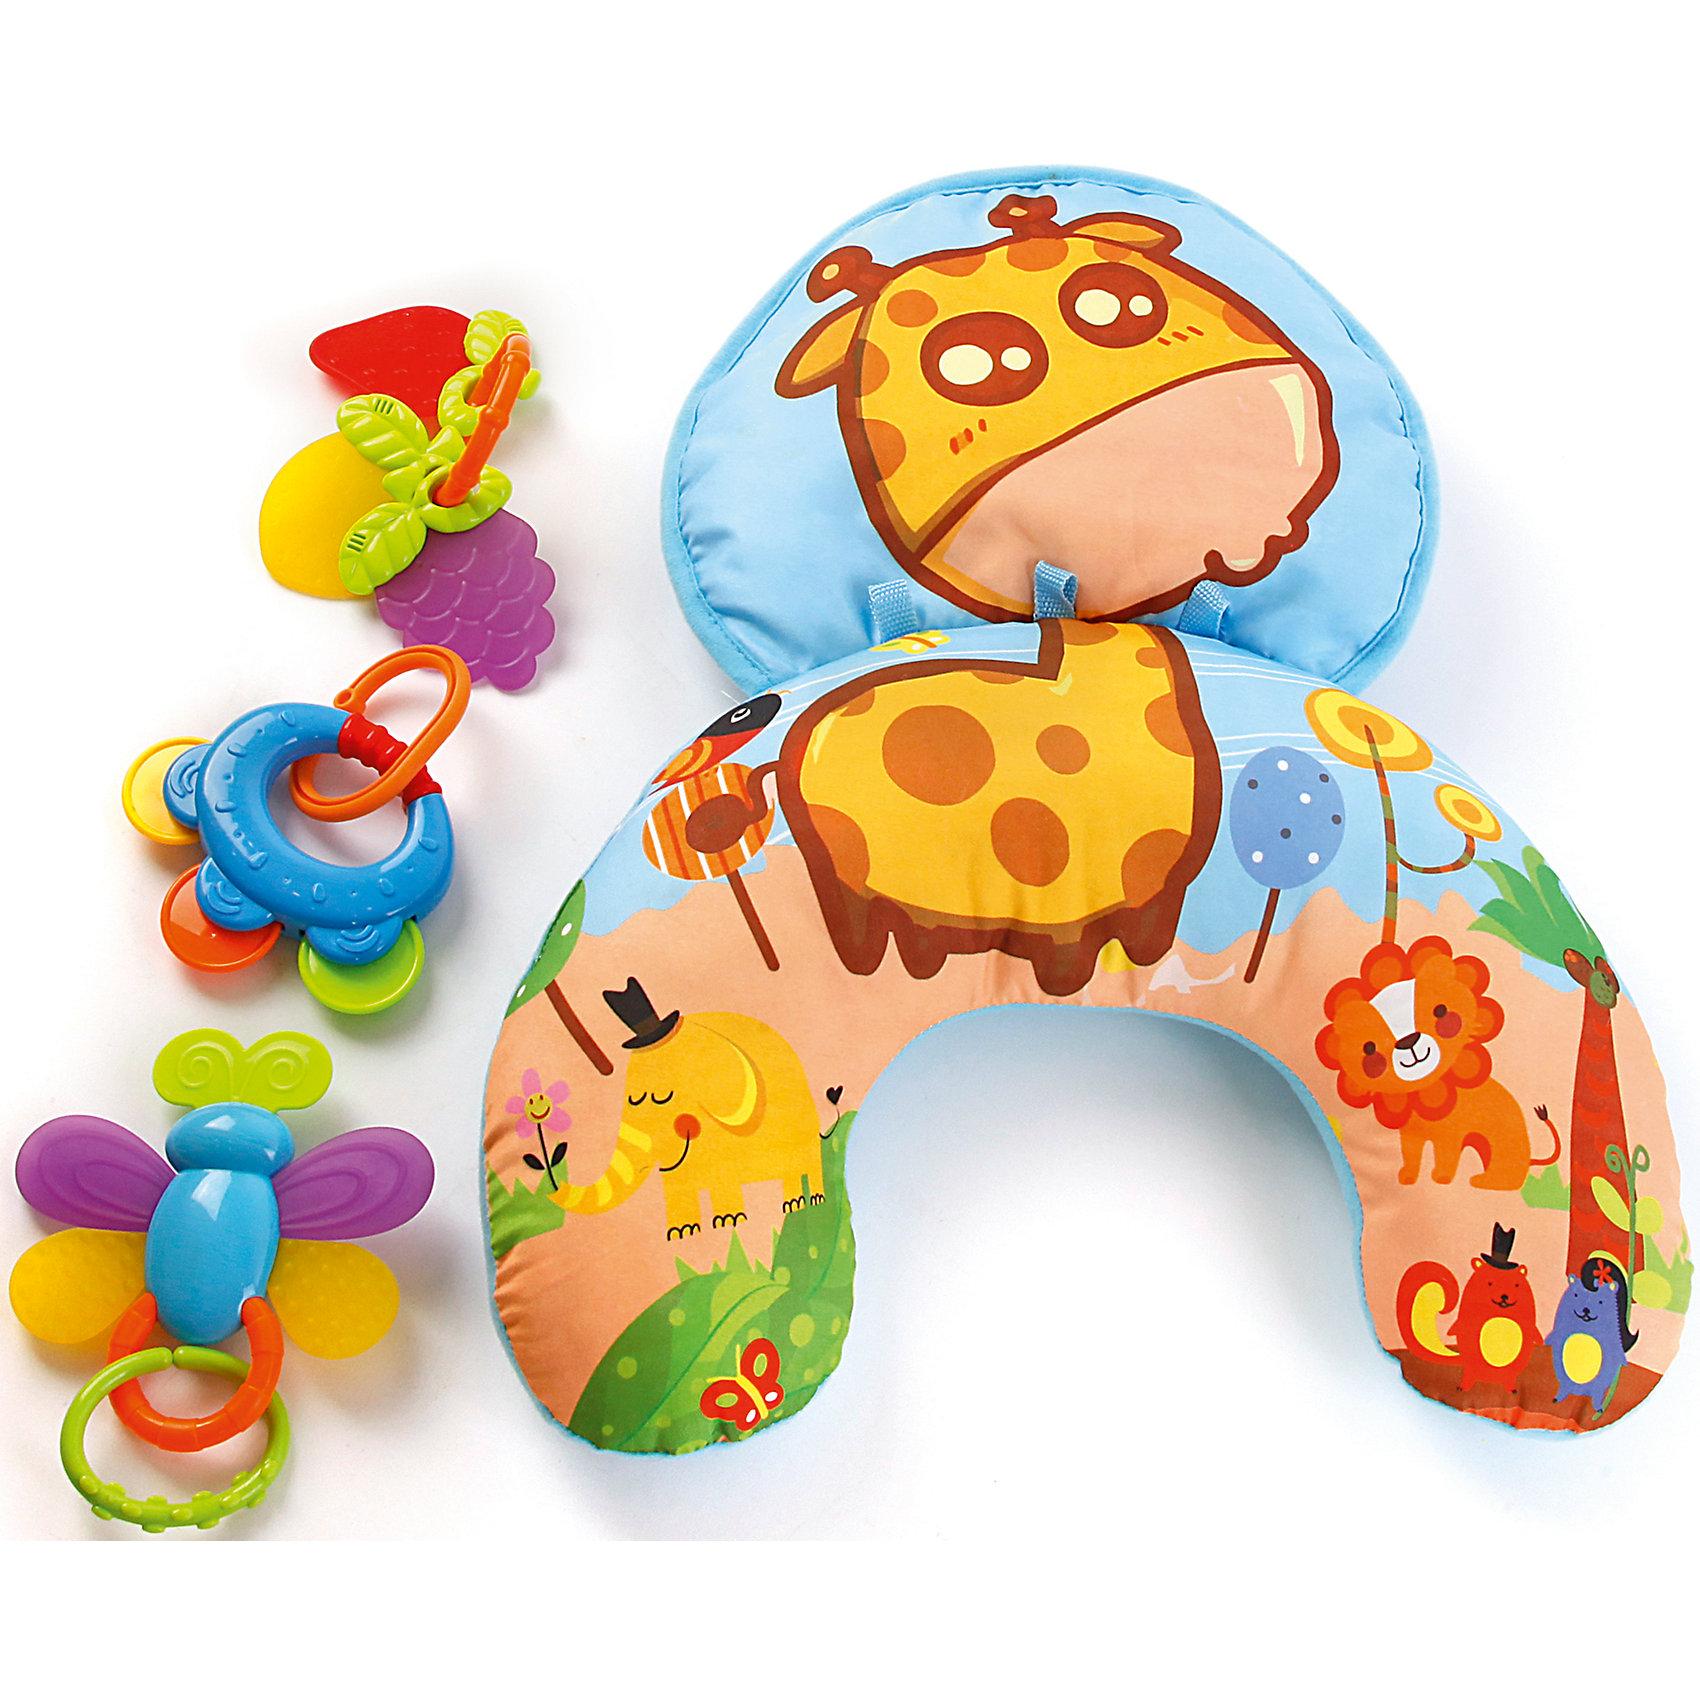 Игровой центр Веселый Жирафик, ЖирафикиИгровой центр Веселый Жирафик от популярного бренда детских товаров Жирафики развеселит вашу кроху! Переносной центр-подушка-коврик очень удобен для малышей, особенно новорожденных, когда большее время они проводят лежа на животике. Яркий и веселый жирафик, а также другие животные на модуле станут надежными компаньонами для игр и развития. Комплект из целых трех съемных прорезывателей придется очень кстати, когда зубки станут давать о себе знать. Также в комплекте две прочные пластиковые погремушки, которые снимаются. С этим модулем можно играть и сидя, кроме того, его можно брать с собой на природу или в путешествие. Игровой центр способствует развитию тактильного и визуального восприятия, а также поможет развить звуковые навыки и воображение. <br><br>Дополнительная информация:<br><br>- В комплект входит: 1 подушка-коврик, 3 прорезывателя, 2 погремушки<br>- Материал: АБС пластик, текстиль<br>- Размер: 31 * 9 * 26 см<br><br>Игровой центр Веселый Жирафик, Жирафики можно купить в нашем интернет-магазине.<br><br>Подробнее:<br>• Для детей в возрасте: от 0 до 12 месяцев<br>• Номер товара: 4925507<br>Страна производитель: Китай<br><br>Ширина мм: 305<br>Глубина мм: 90<br>Высота мм: 260<br>Вес г: 1563<br>Возраст от месяцев: 0<br>Возраст до месяцев: 12<br>Пол: Унисекс<br>Возраст: Детский<br>SKU: 4925507